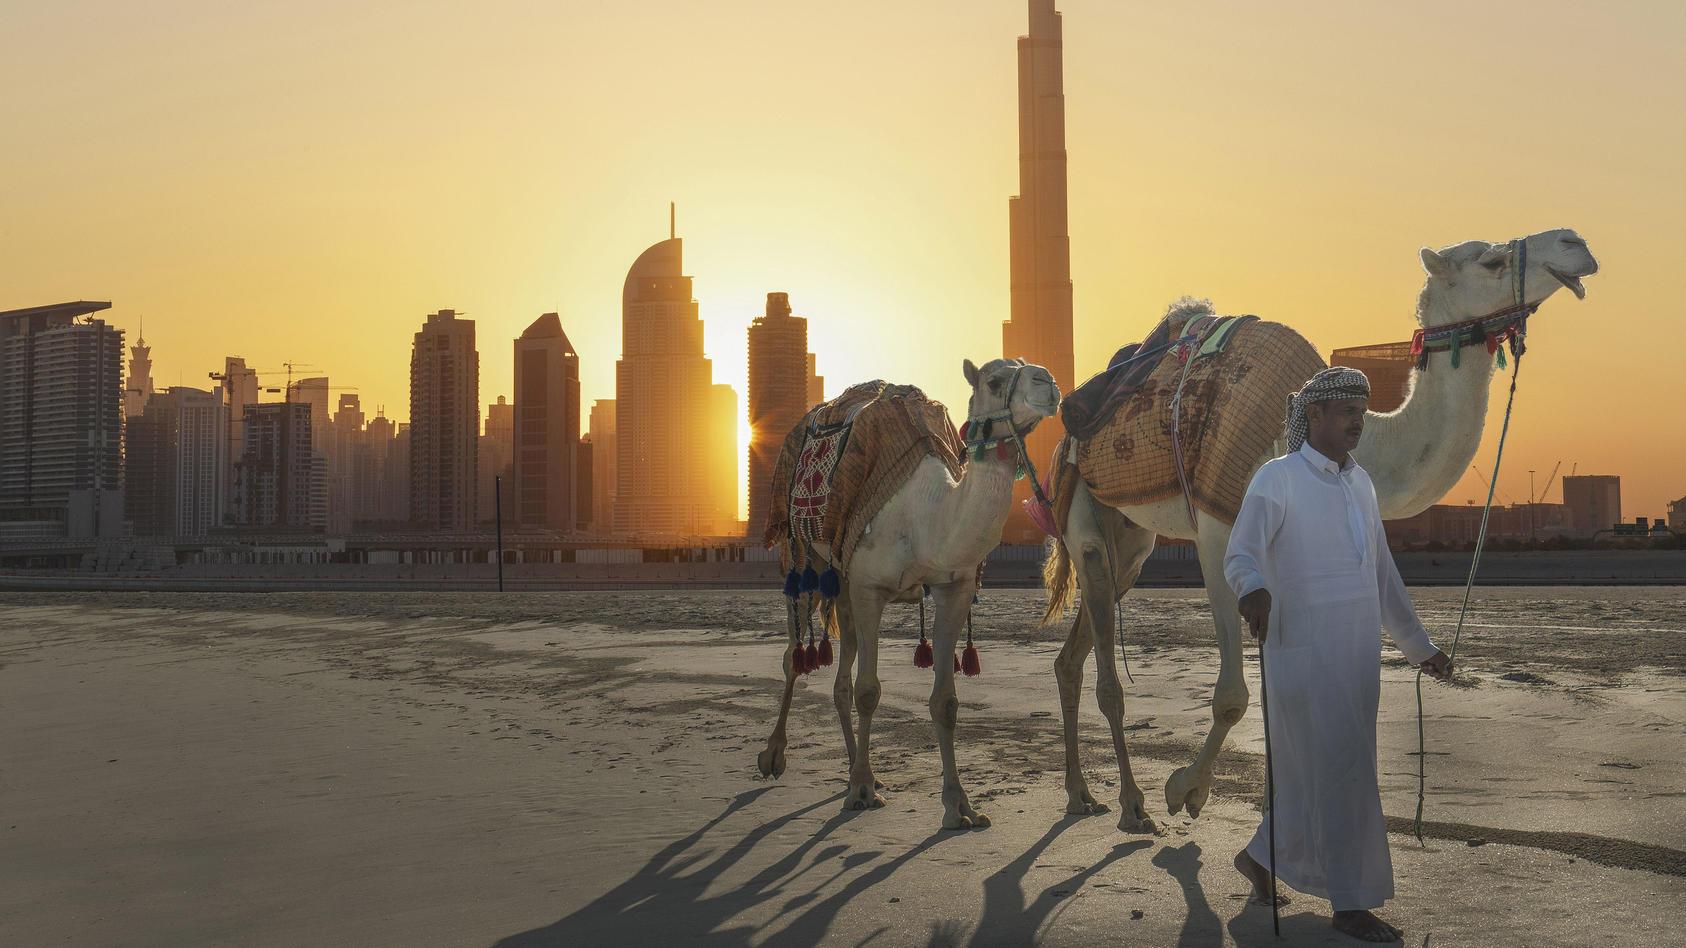 Ein Mann läuft mit seinen Dromedaren Richtung Wüste in der Nähe der Stadt Dubai. Im Hintergrund steht der Burj Al-Khalifa.